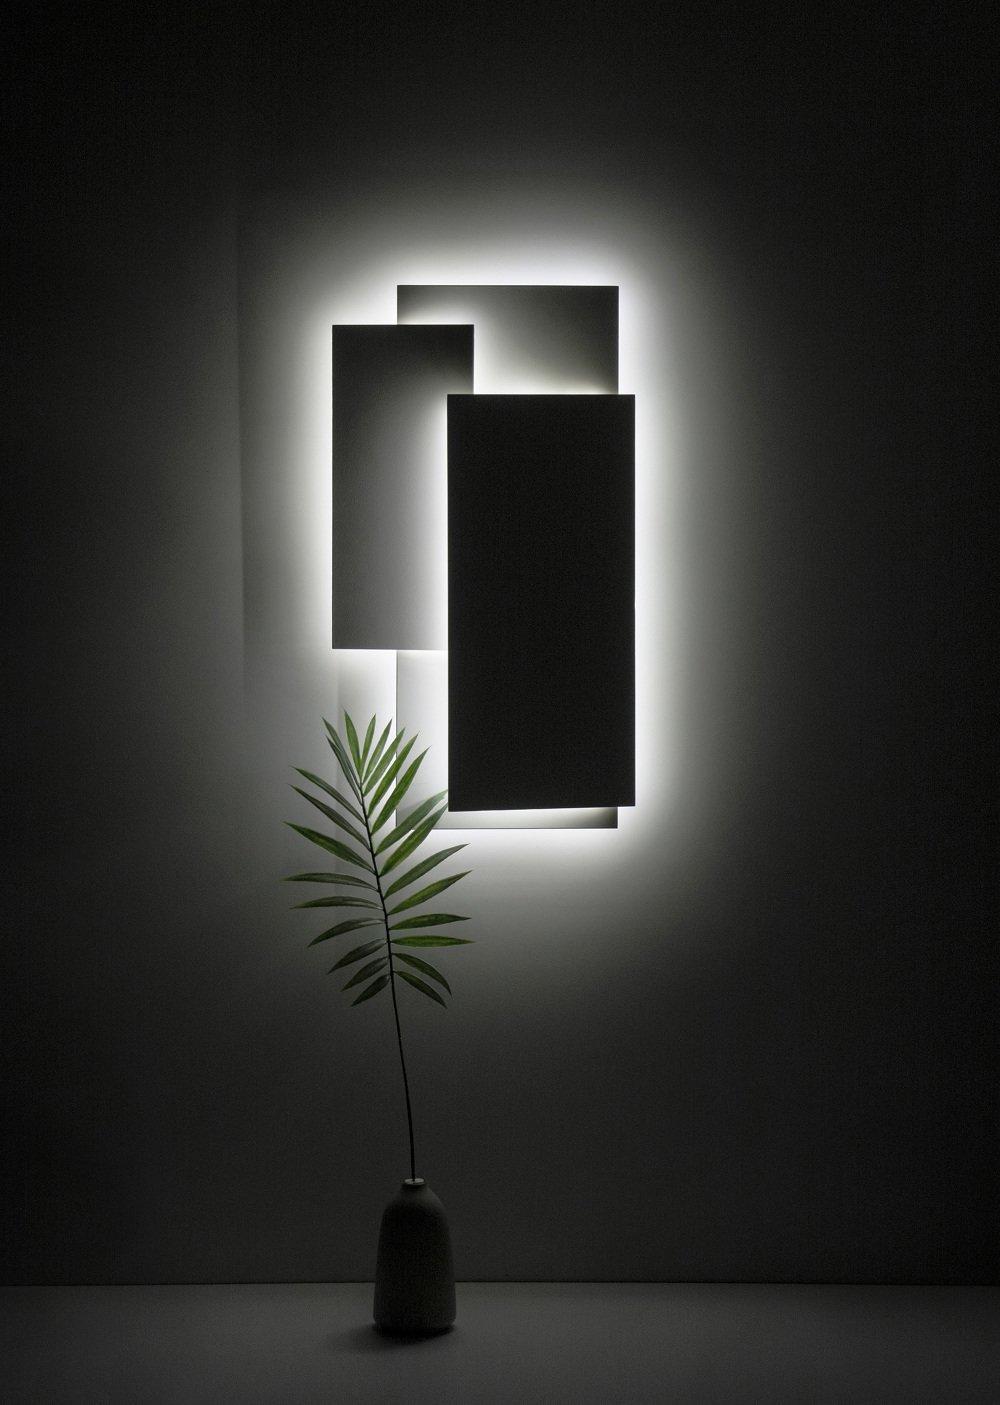 #FerréolBabin #designer #modern #set #lighting #slab #slablight #art #flatlight #design